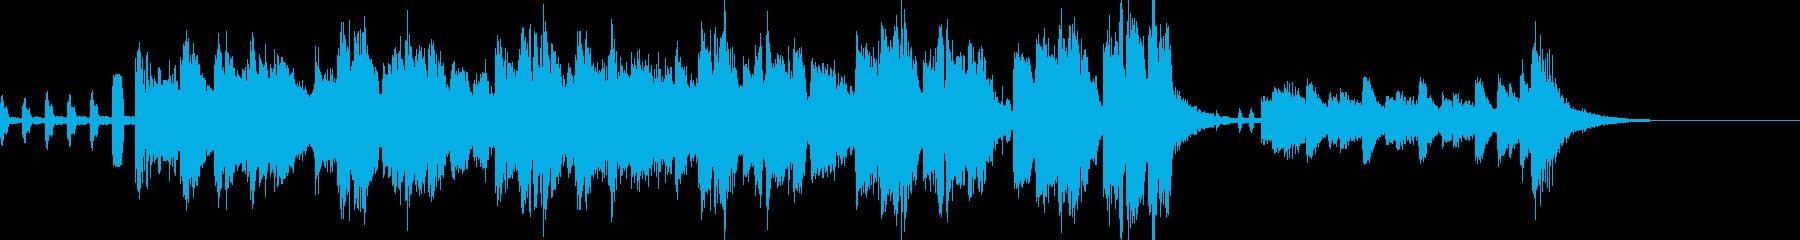 シンセメロのミドルテンポの大人ジングルの再生済みの波形